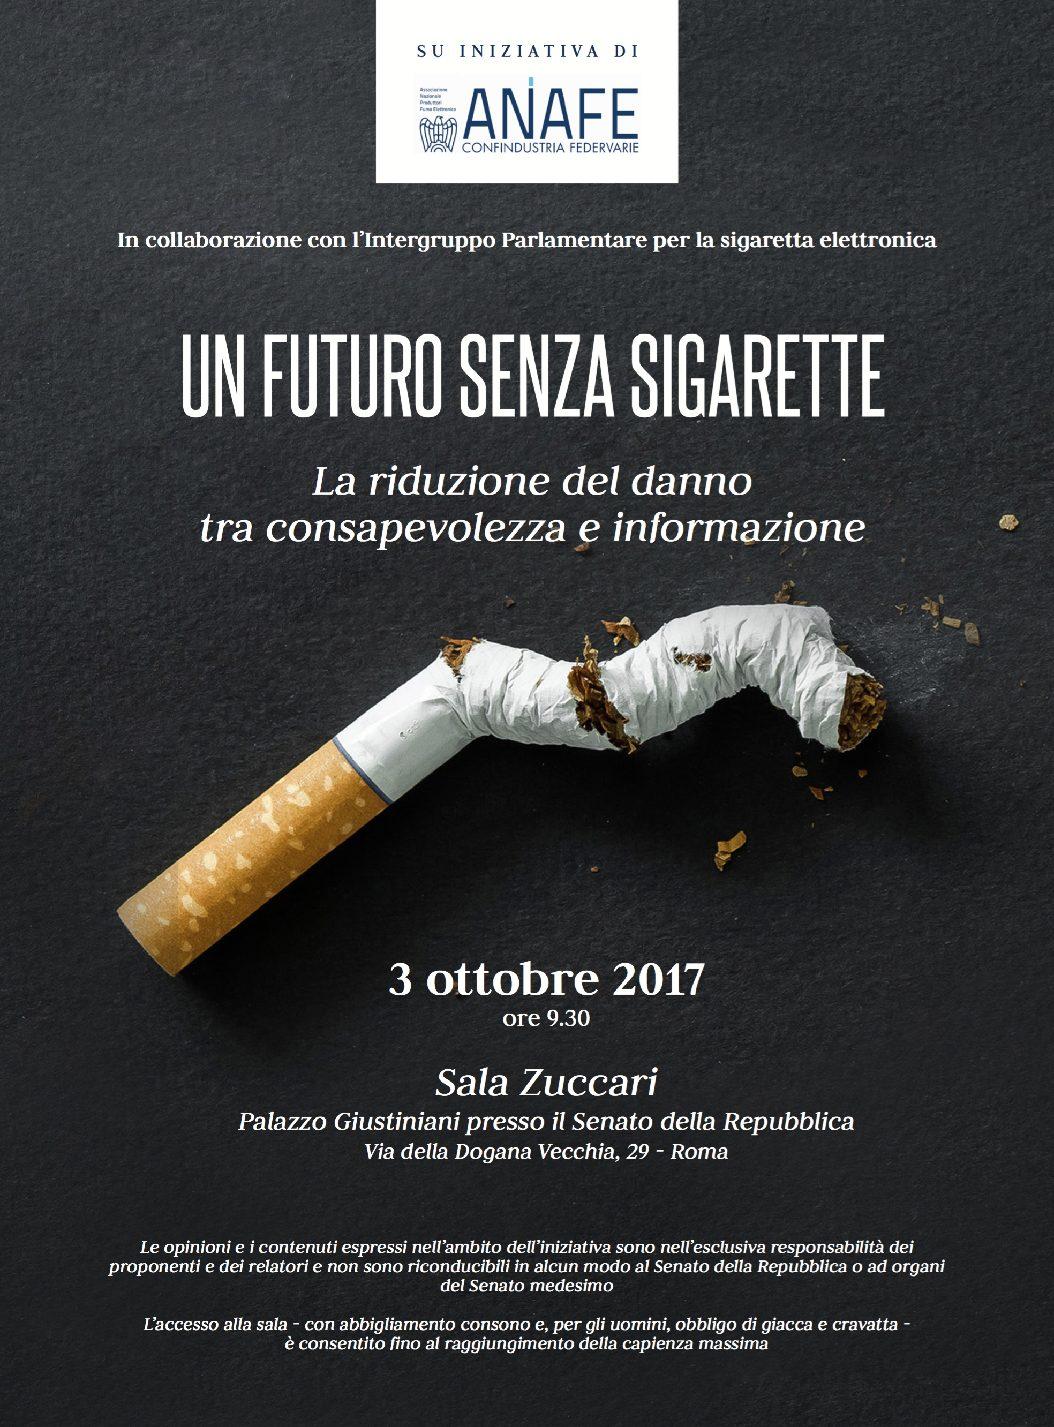 Un futuro senza sigarette